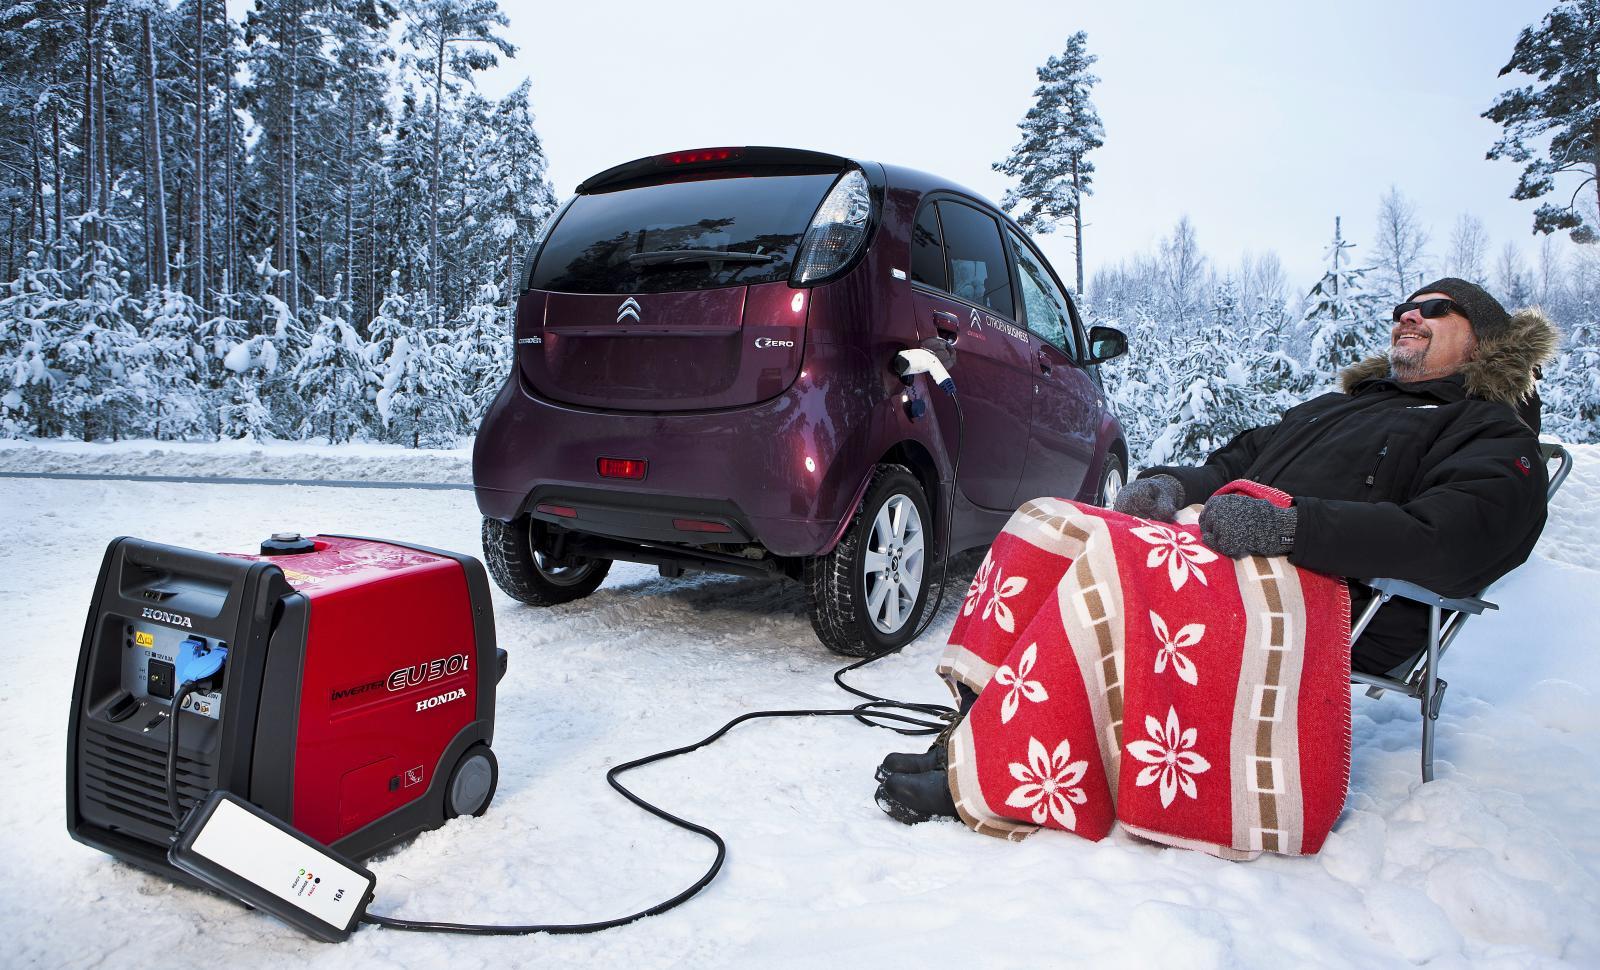 Tommy Wahlström fick slå av värmen och köra försiktigt när han skulle åka Citroën C-Zero till Forsmarks kärnkraftsverk. Ändå behövdes ett bensindrivet laddaggregat för att komma fram.